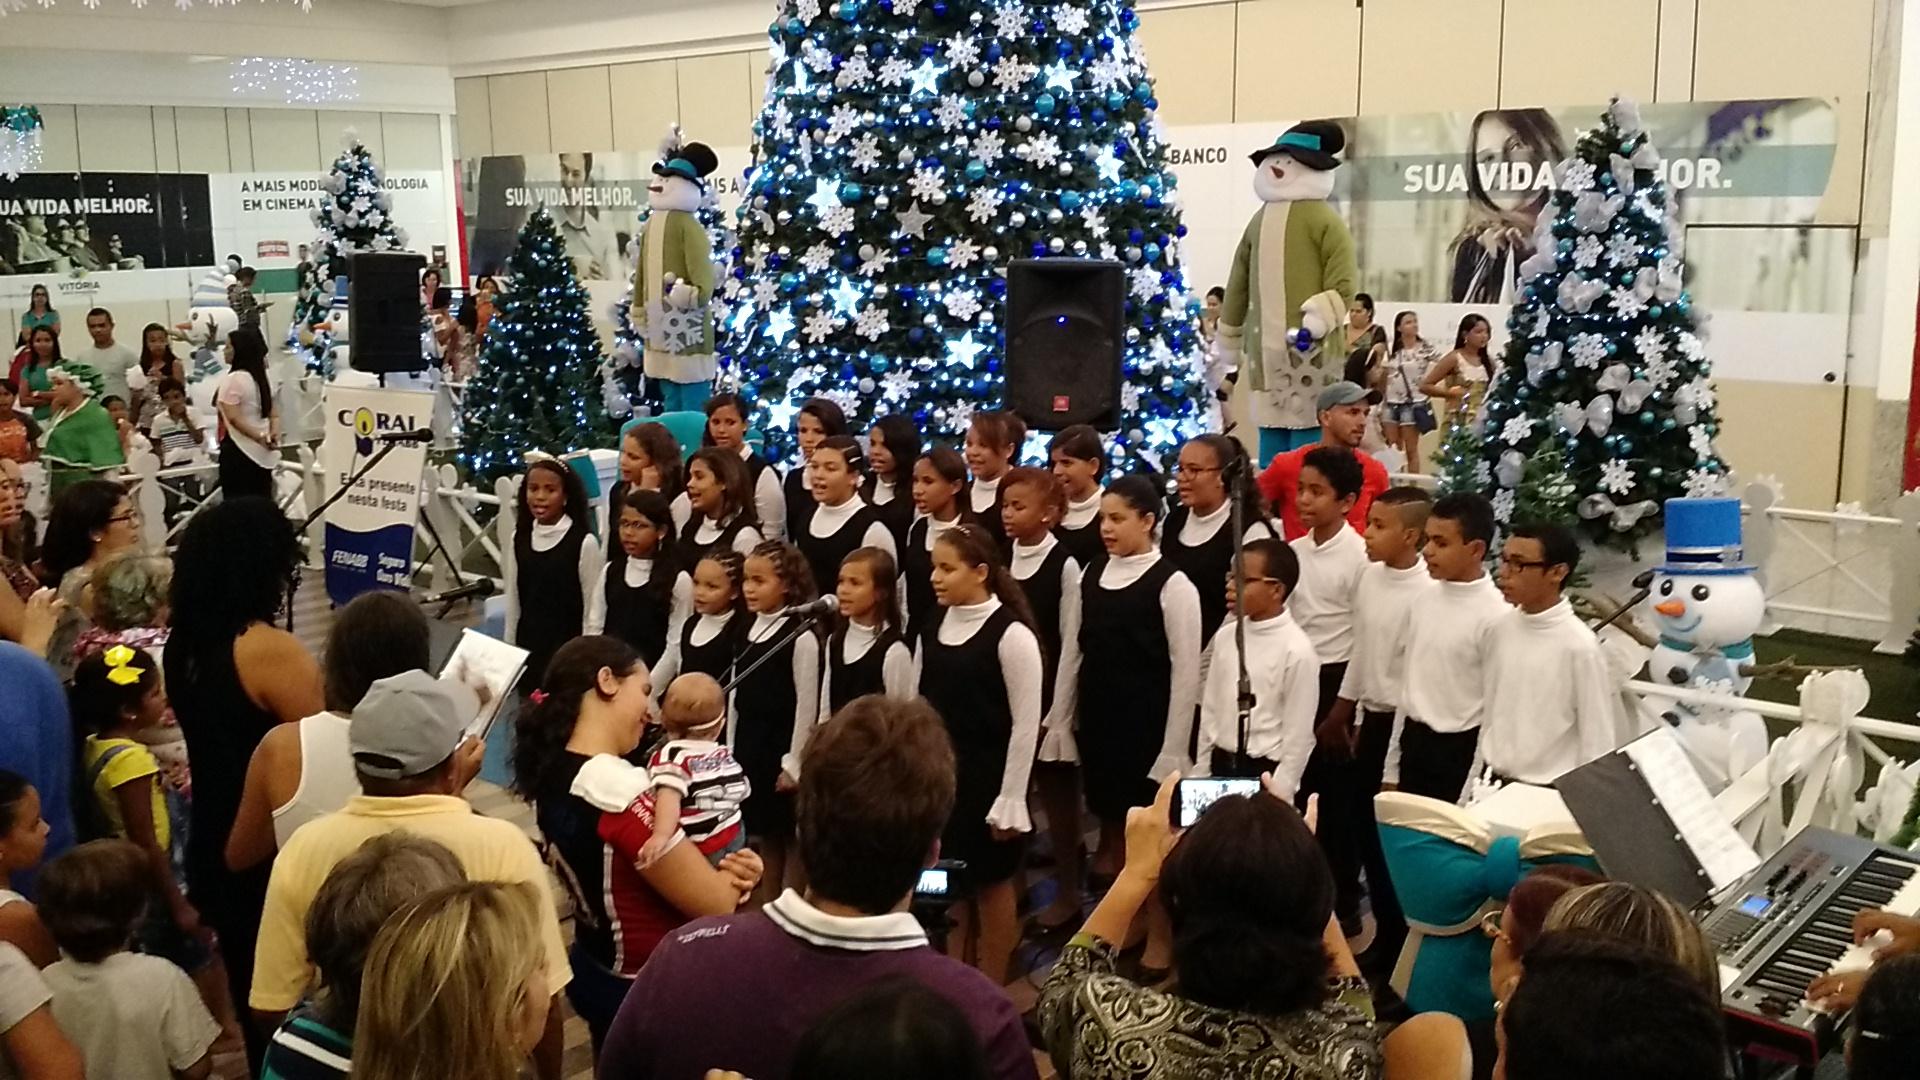 Nesse domingo o Vitória Park Shopping foi palco de grandes eventos. O  início das atividades se deu com a chegada radical do Papai Noel. 6cbad45d94